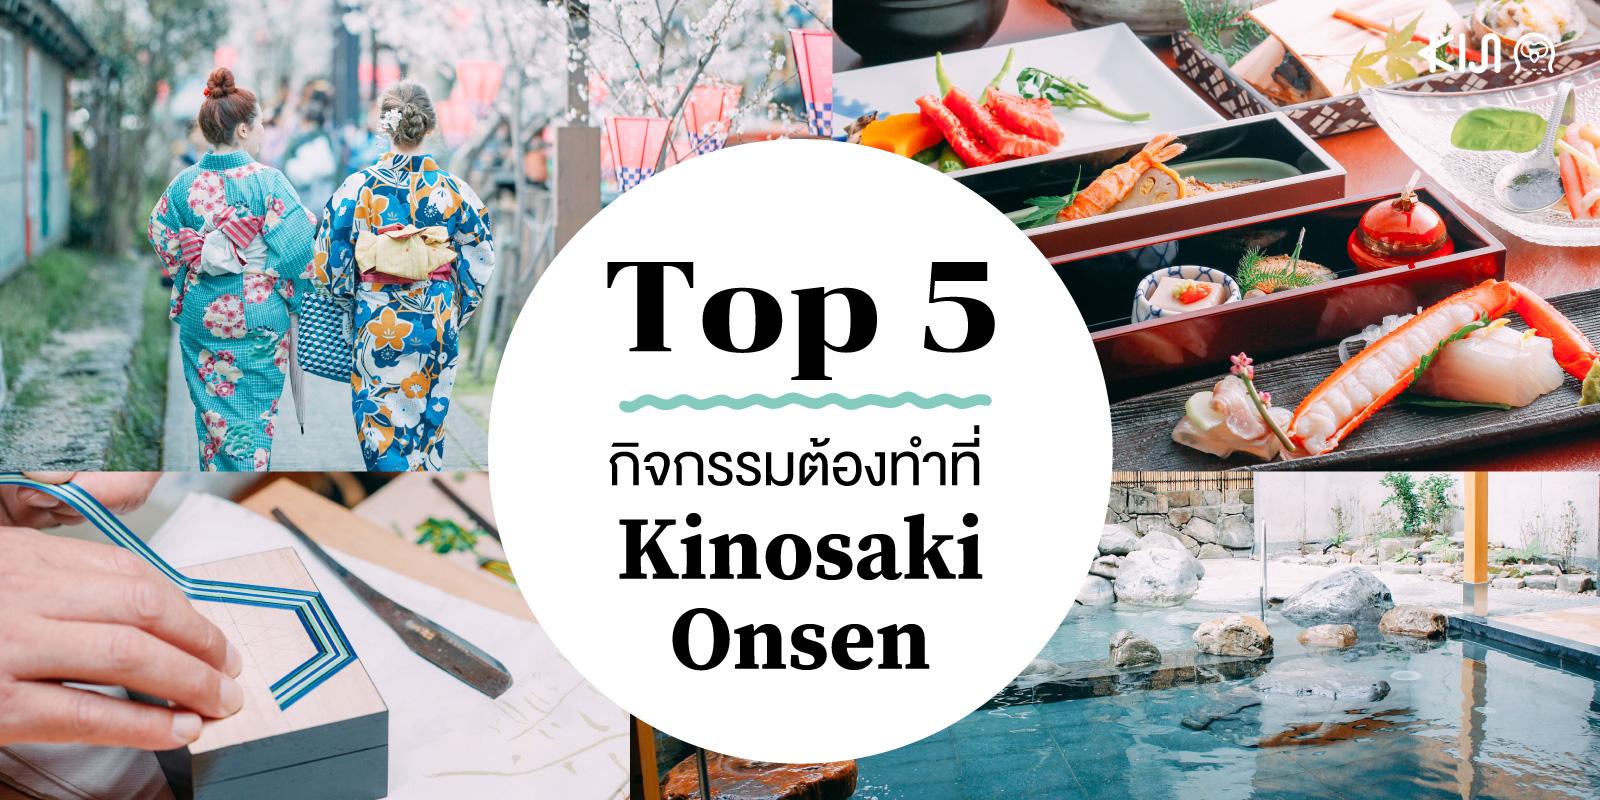 รวมกิจกรรมน่าทำที่ Kinosaki Onsen